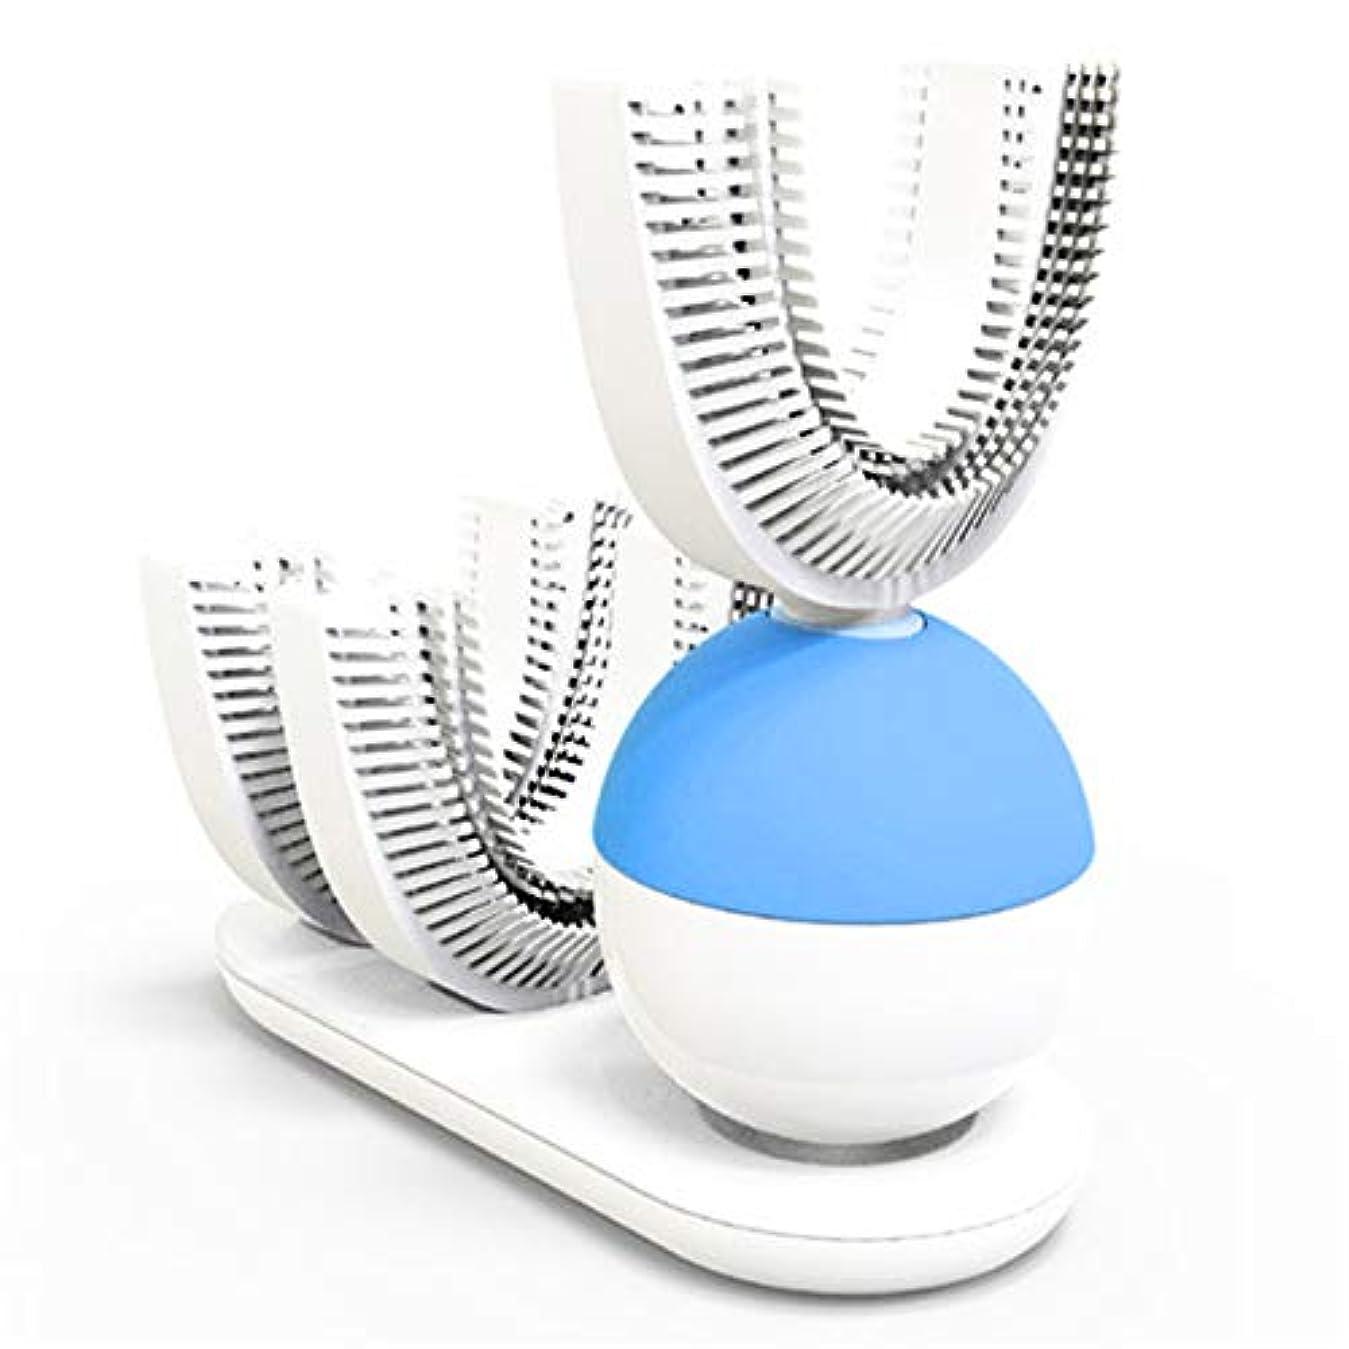 代替トライアスロン傾いた電動歯ブラシ 自動歯ブラシ U型 360°全方位 超音波 怠け者歯ブラシ ワイヤレス充電 歯ブラシヘッド付き